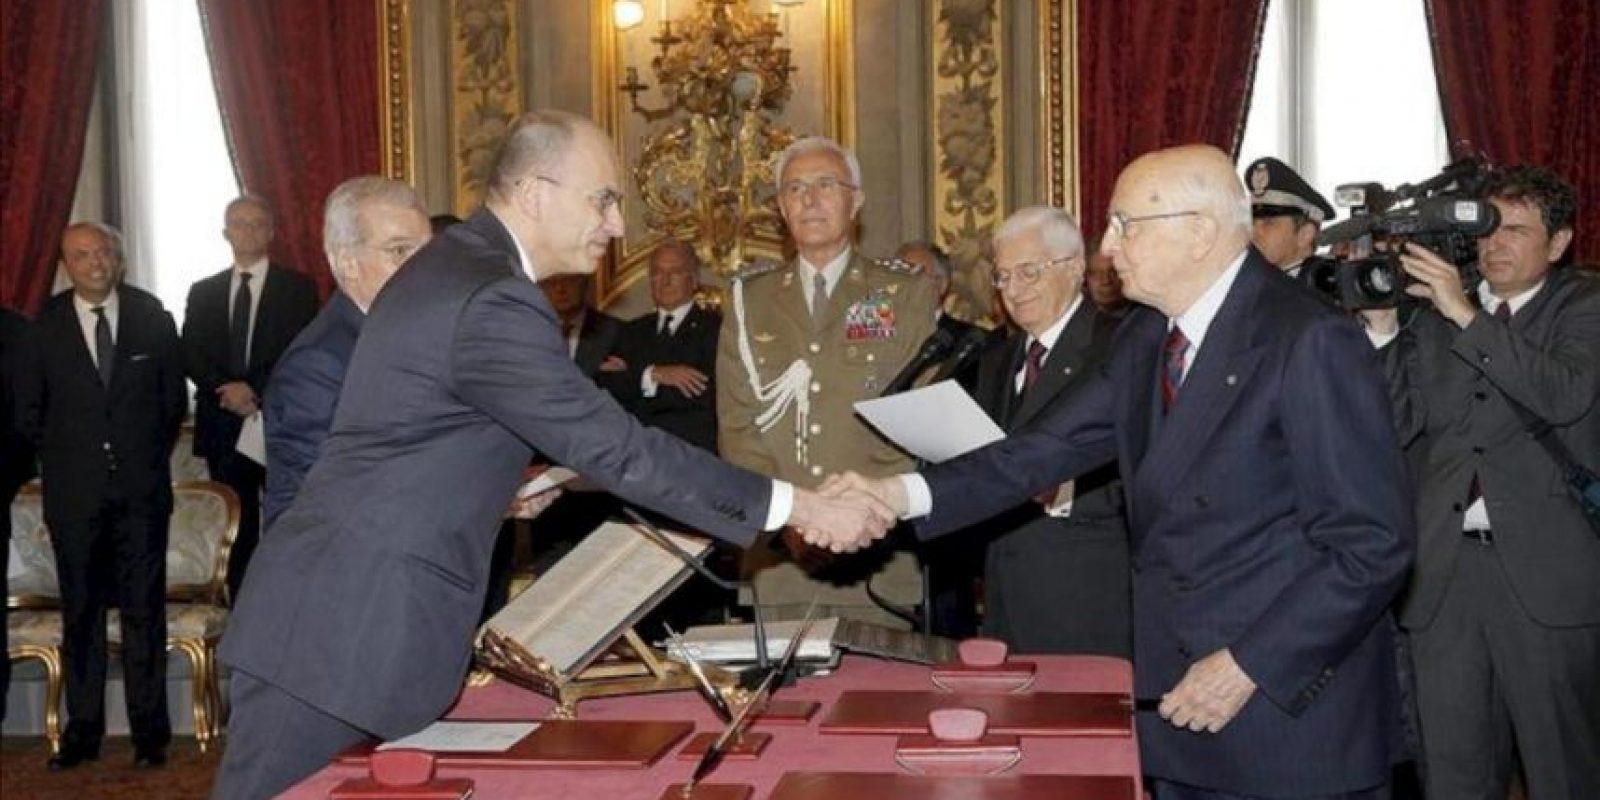 El nuevo jefe del Gobierno italiano, Enrico Letta, de 46 años y procedente del Partido Demócrata (PD), juró hoy su cargo ante el presidente de la República, Giorgio Napolitano, en una ceremonia que se vio empañada por un tiroteo en el edificio de Gobierno en el que resultaron heridos dos carabineros, uno de ellos grave. EFE